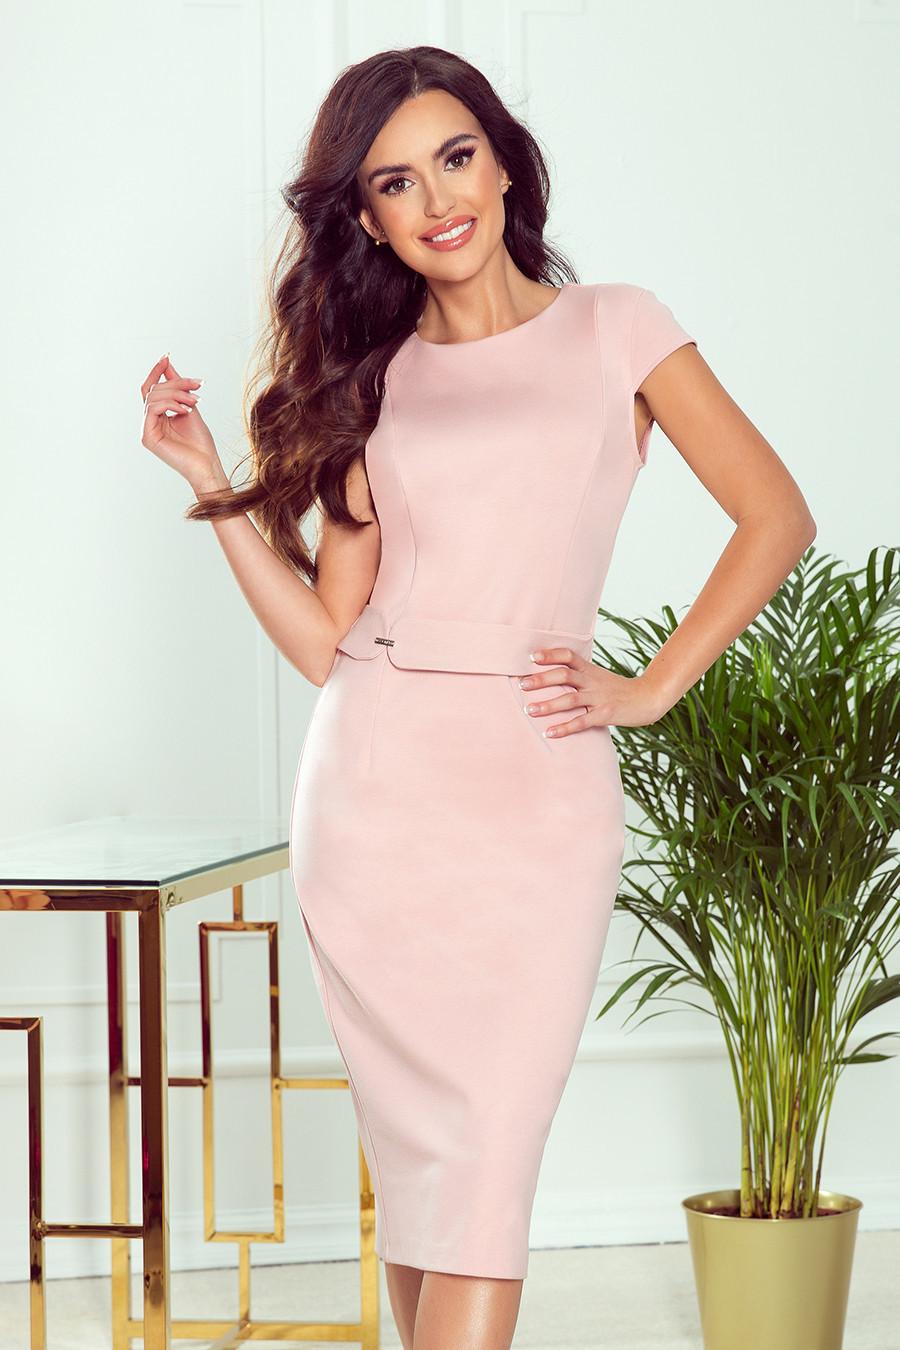 TAMARA - Elegantní dámské midi šaty v pudrově růžové barvě s páskem 301-1 XL